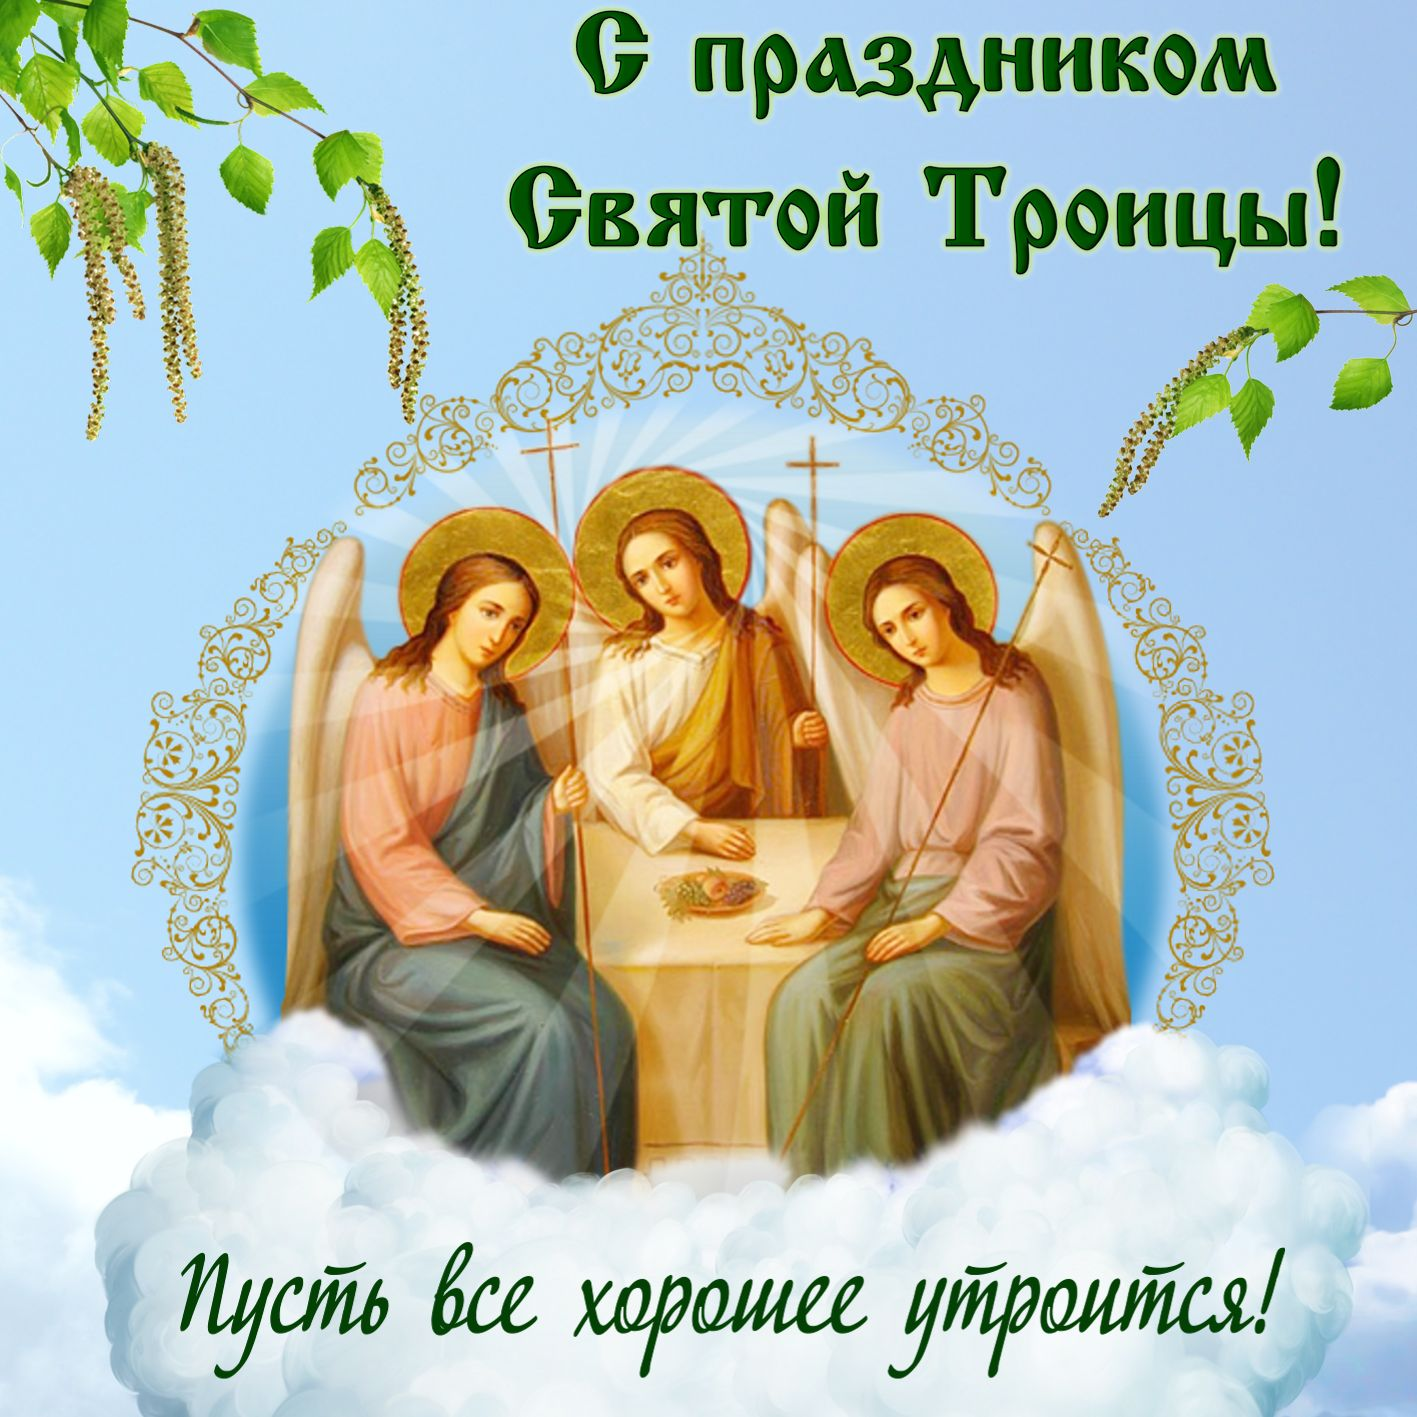 если ответы на поздравления с троицей сообщил, что один